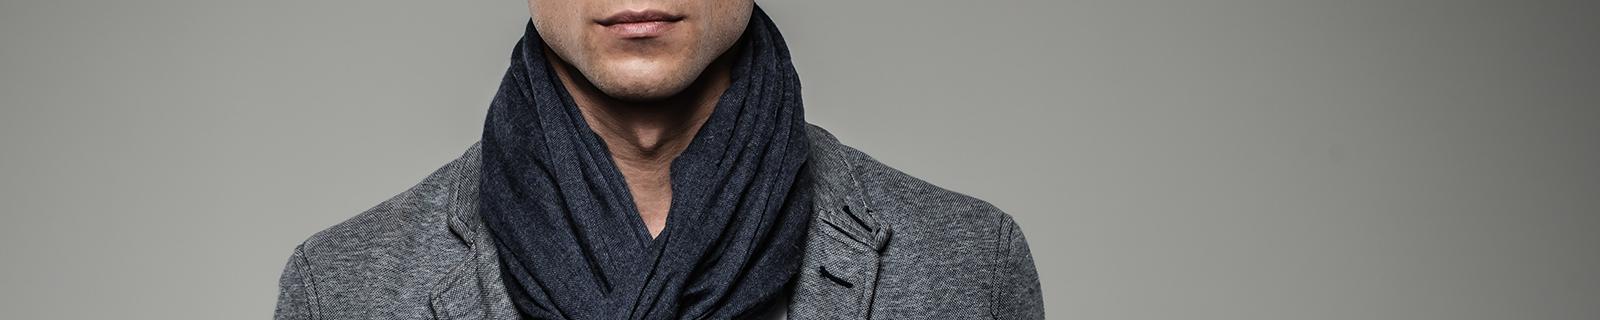 Foulards homme - Foulards en soie, laine, cachemire Etyo Paris - Etyo c6027afc604